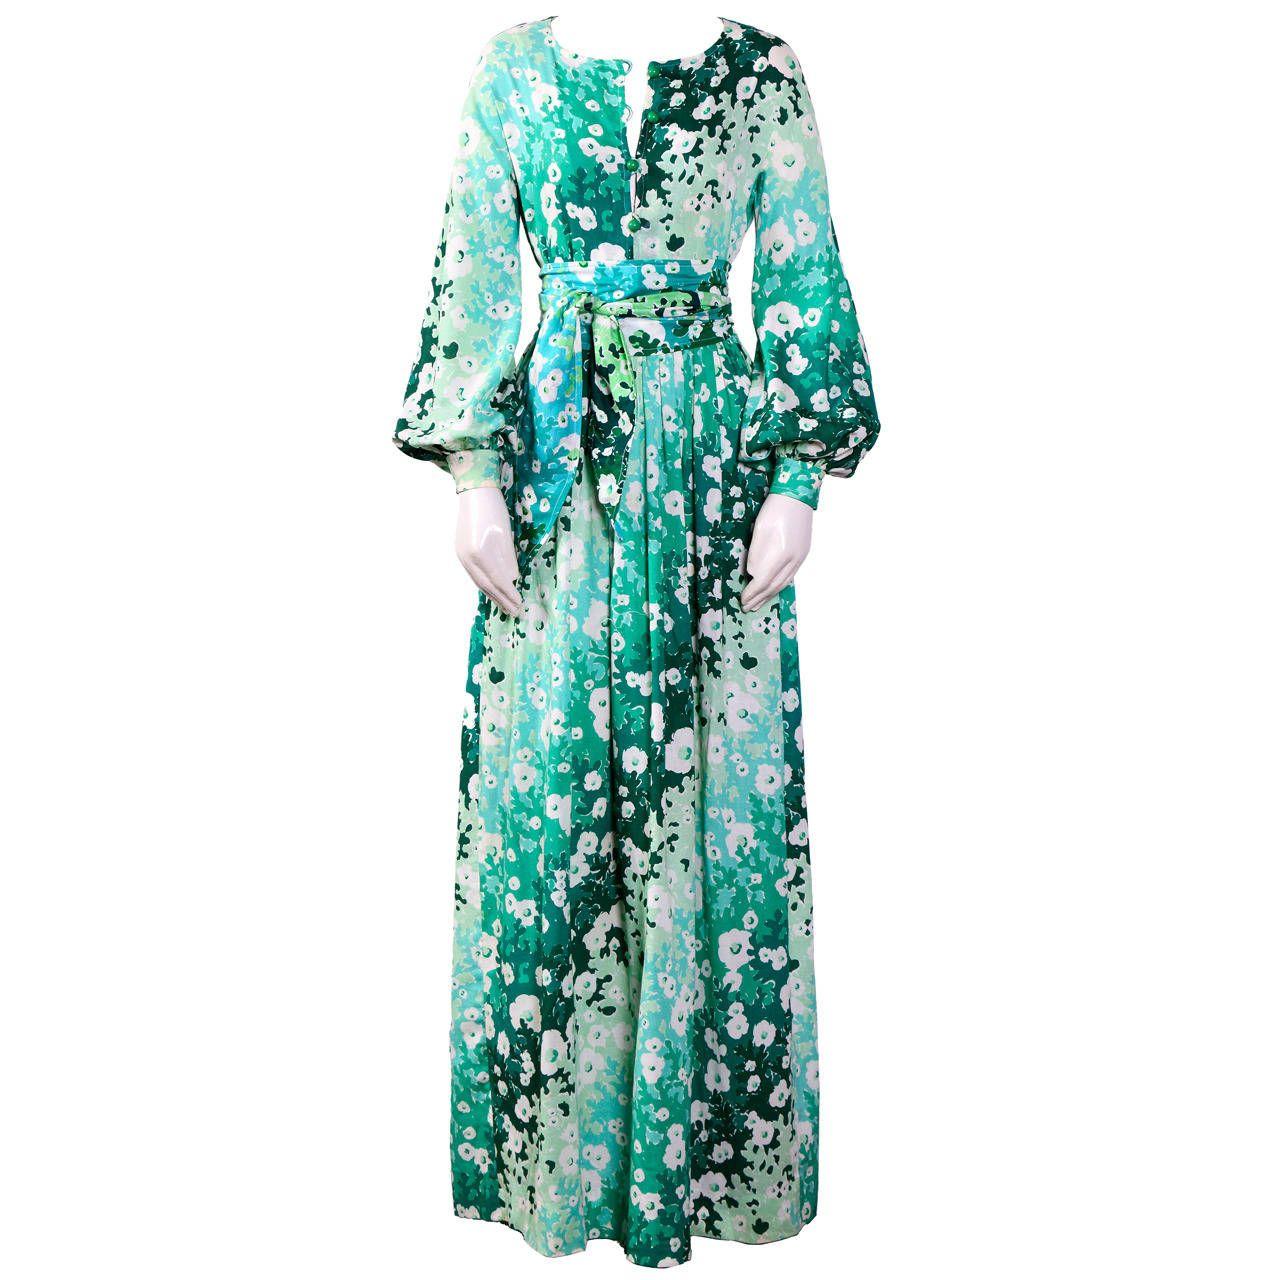 60s green dress  Vintage us BALENCIAGA Light Cotton Flower Print Dress  From a